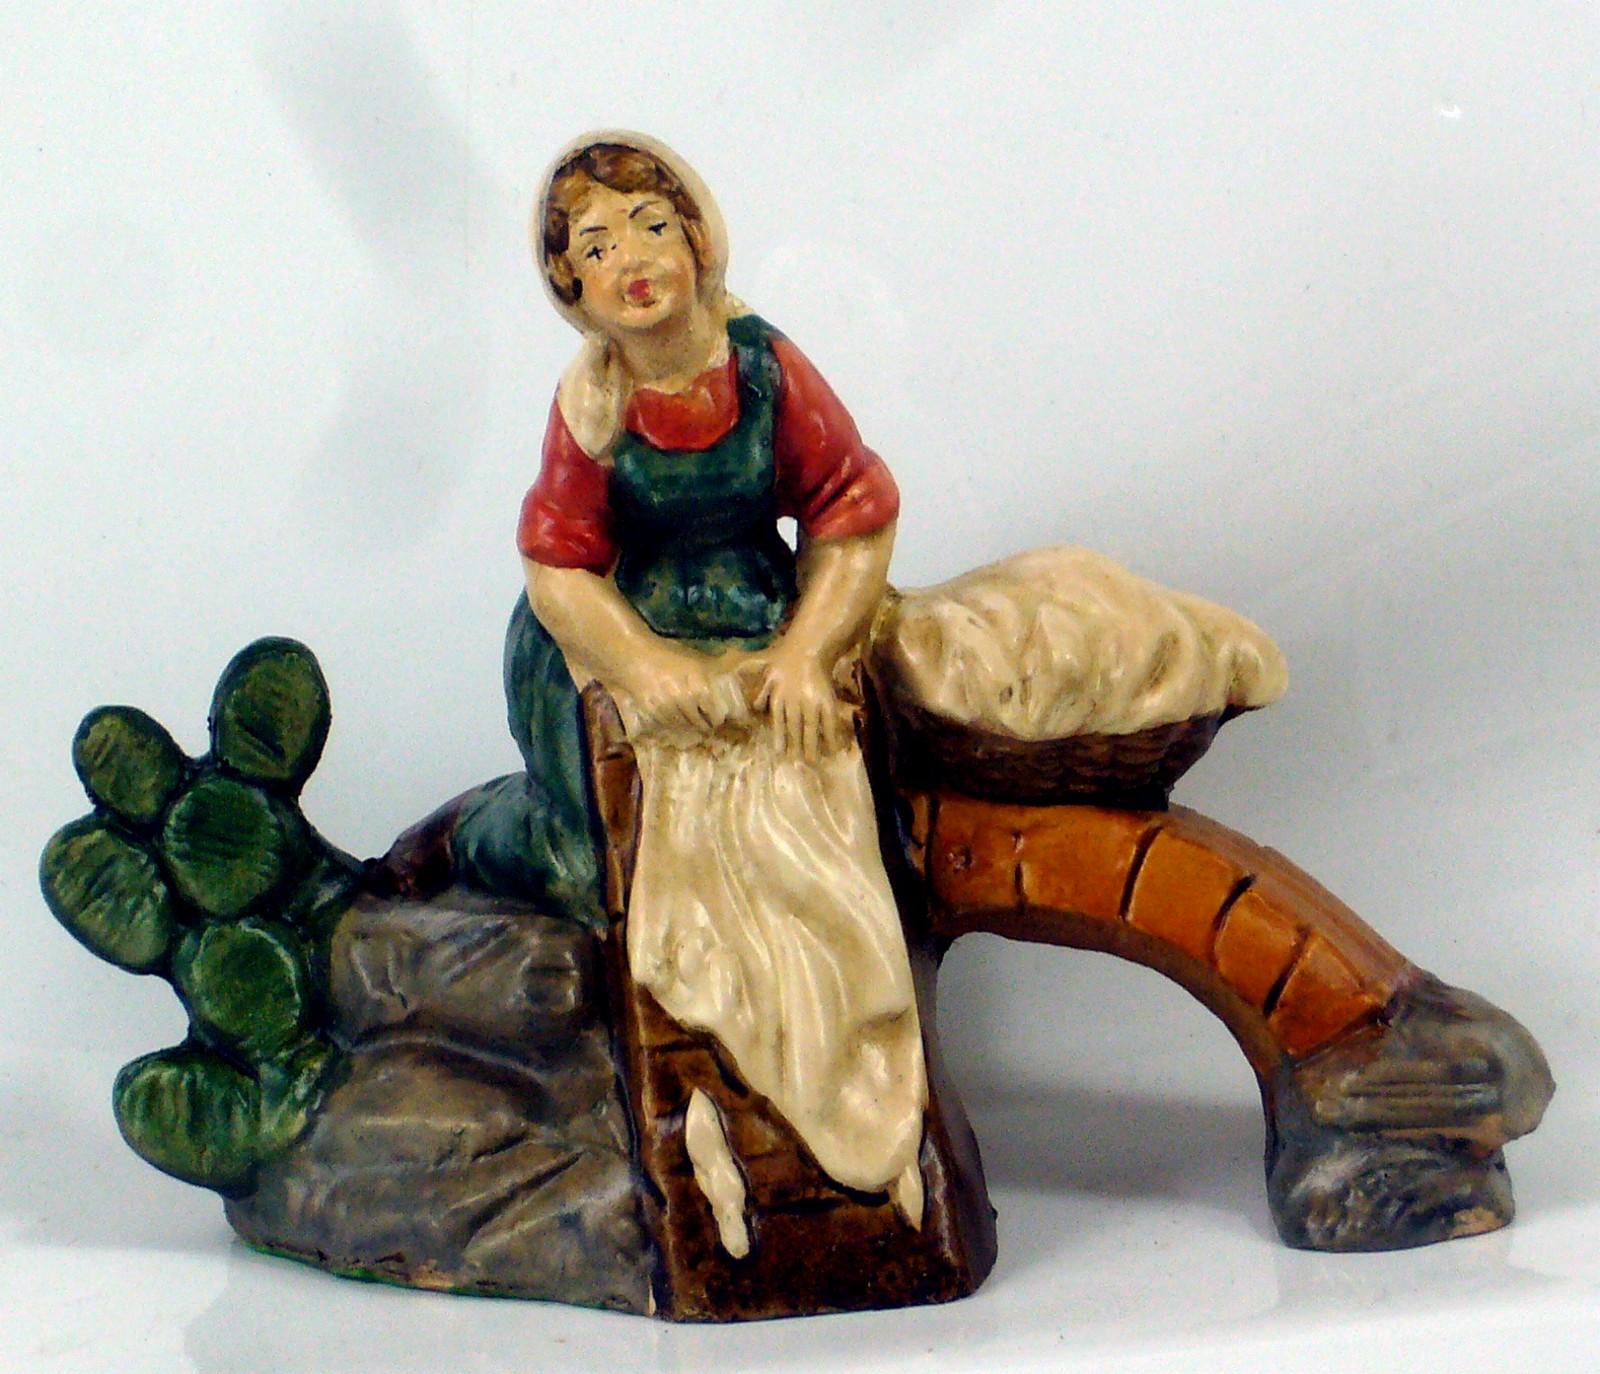 Nacimiento figuras del bel n partes adicionales para 10 cm for Amazon figuras belen